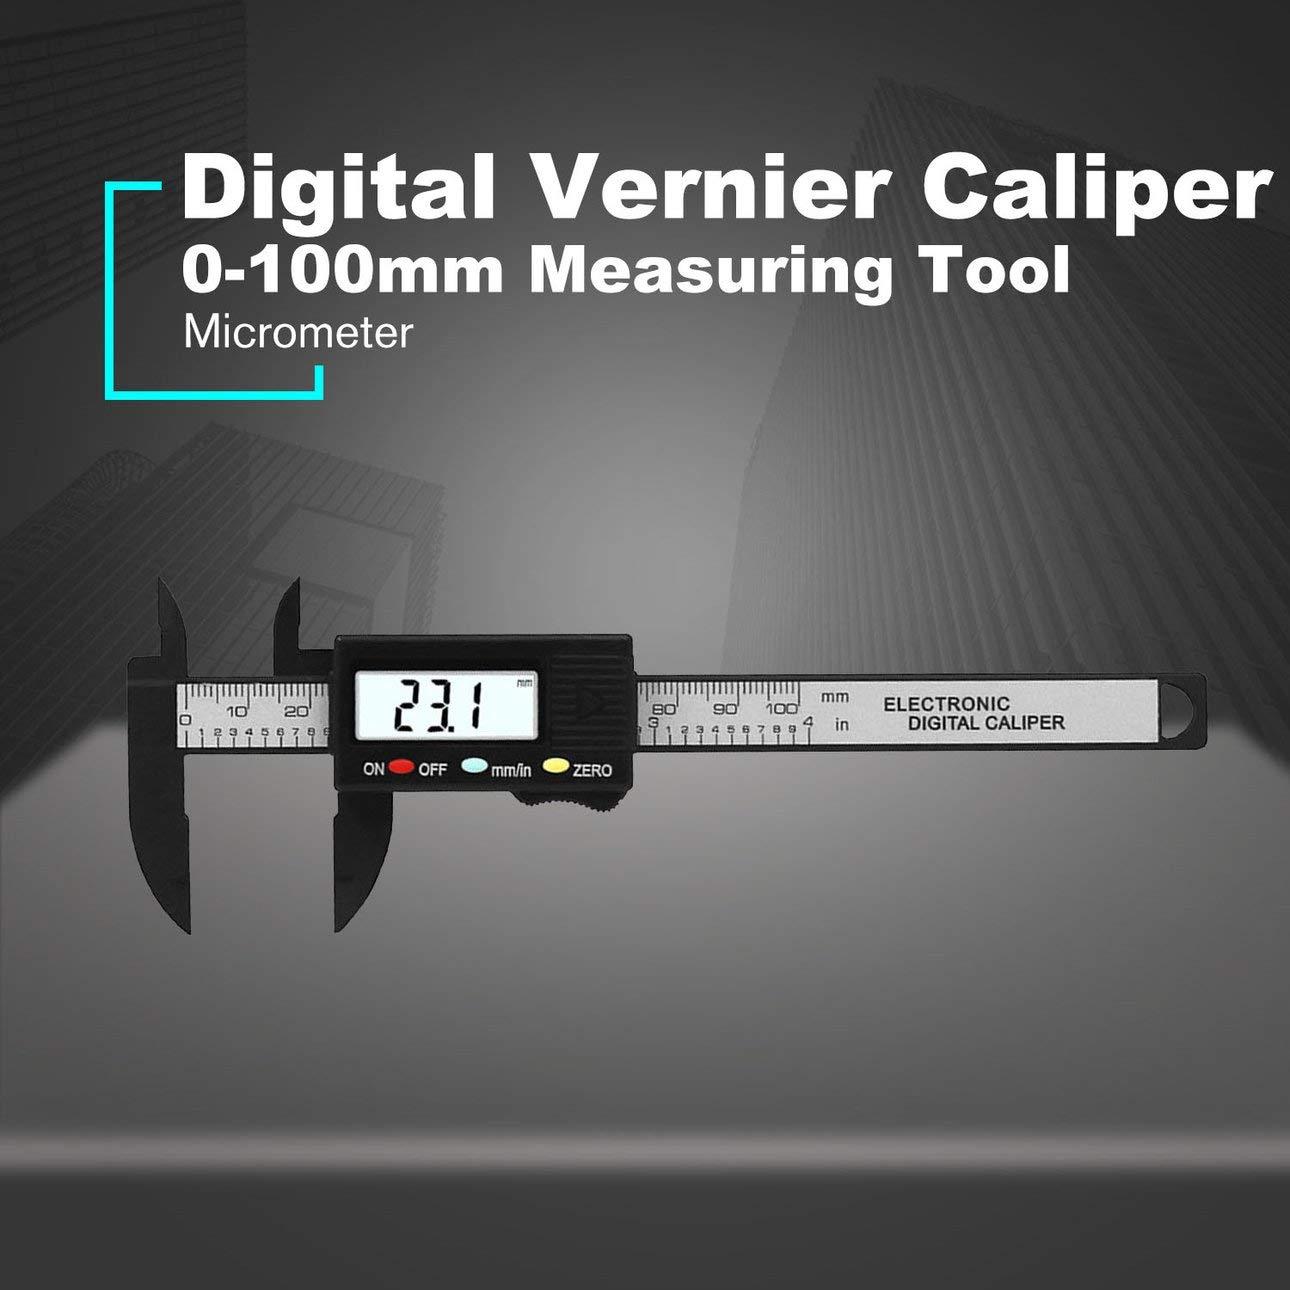 Ballylelly Mini Elektronische Digitale Messschieber 0-100mm Messwerkzeug Digitale Messschieber Mikrometer f/ür schmuck messung